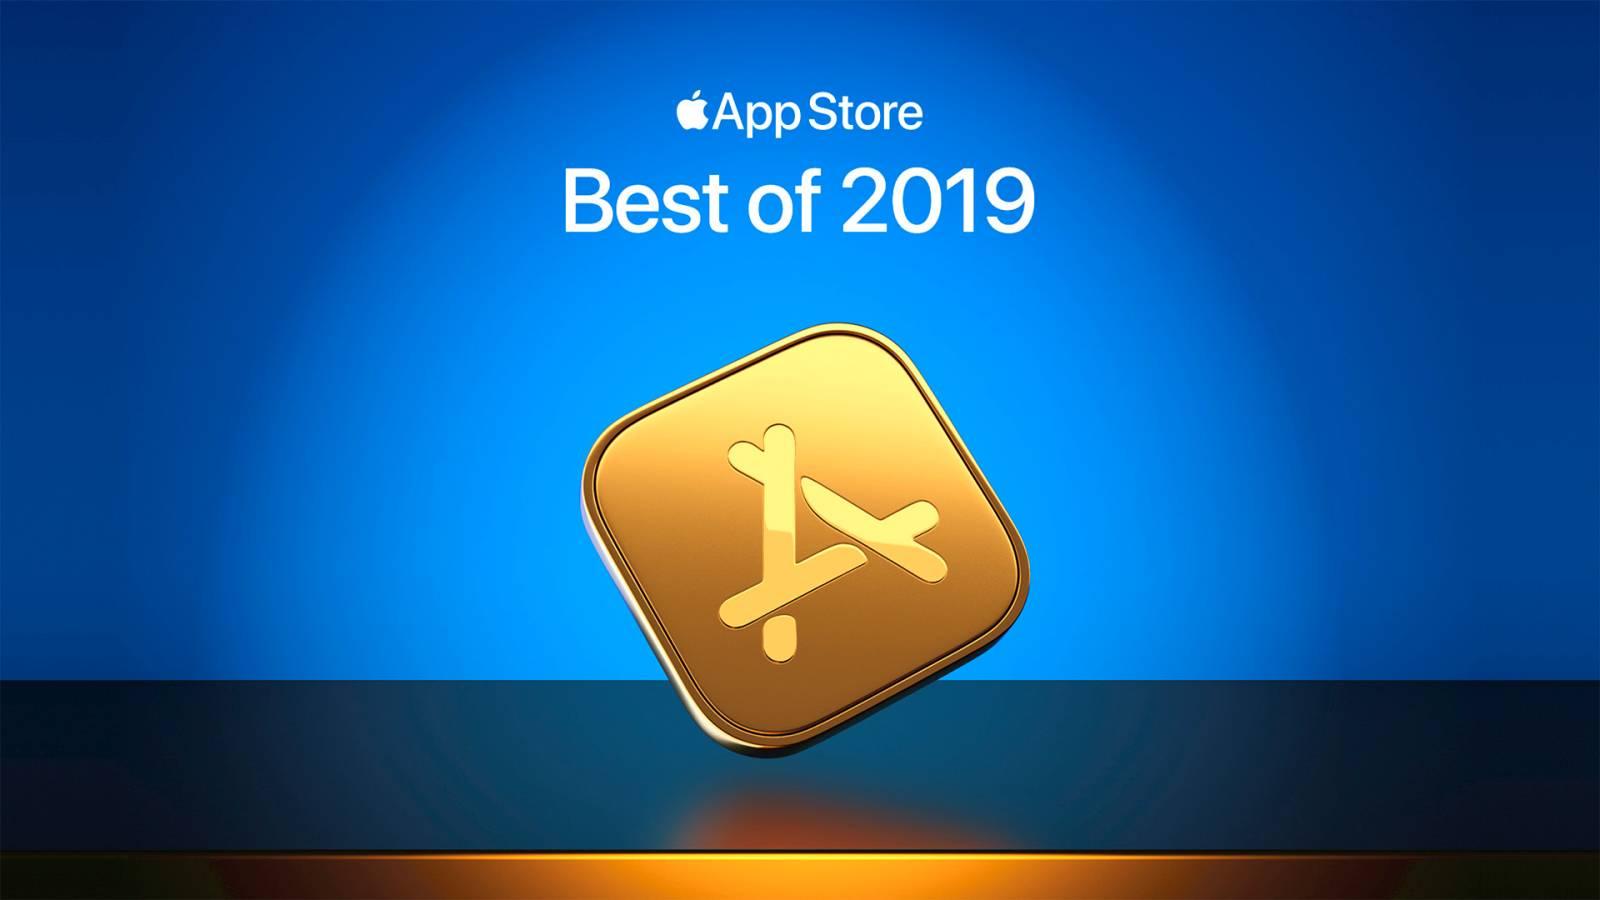 Apple a Anuntat Aplicatiile si Jocurile Anului 2019 in App Store